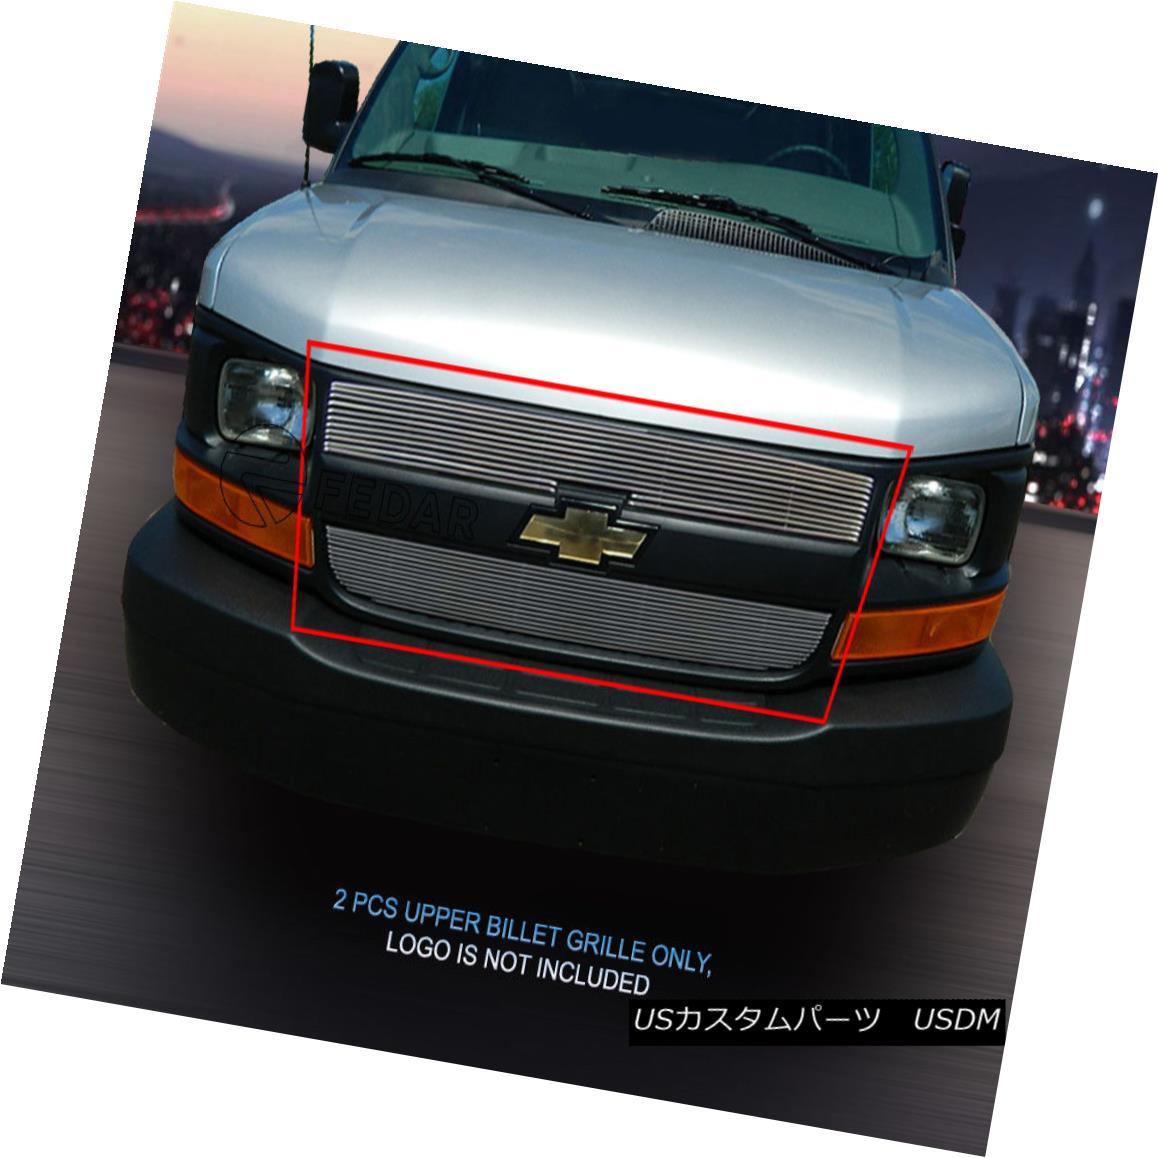 グリル Fedar Fits 2003-2016 Chevy Express Van Polished Billet Grille Insert Fedar Fits 2003-2016 Chevy Express Van Polishedビレットグリルインサート